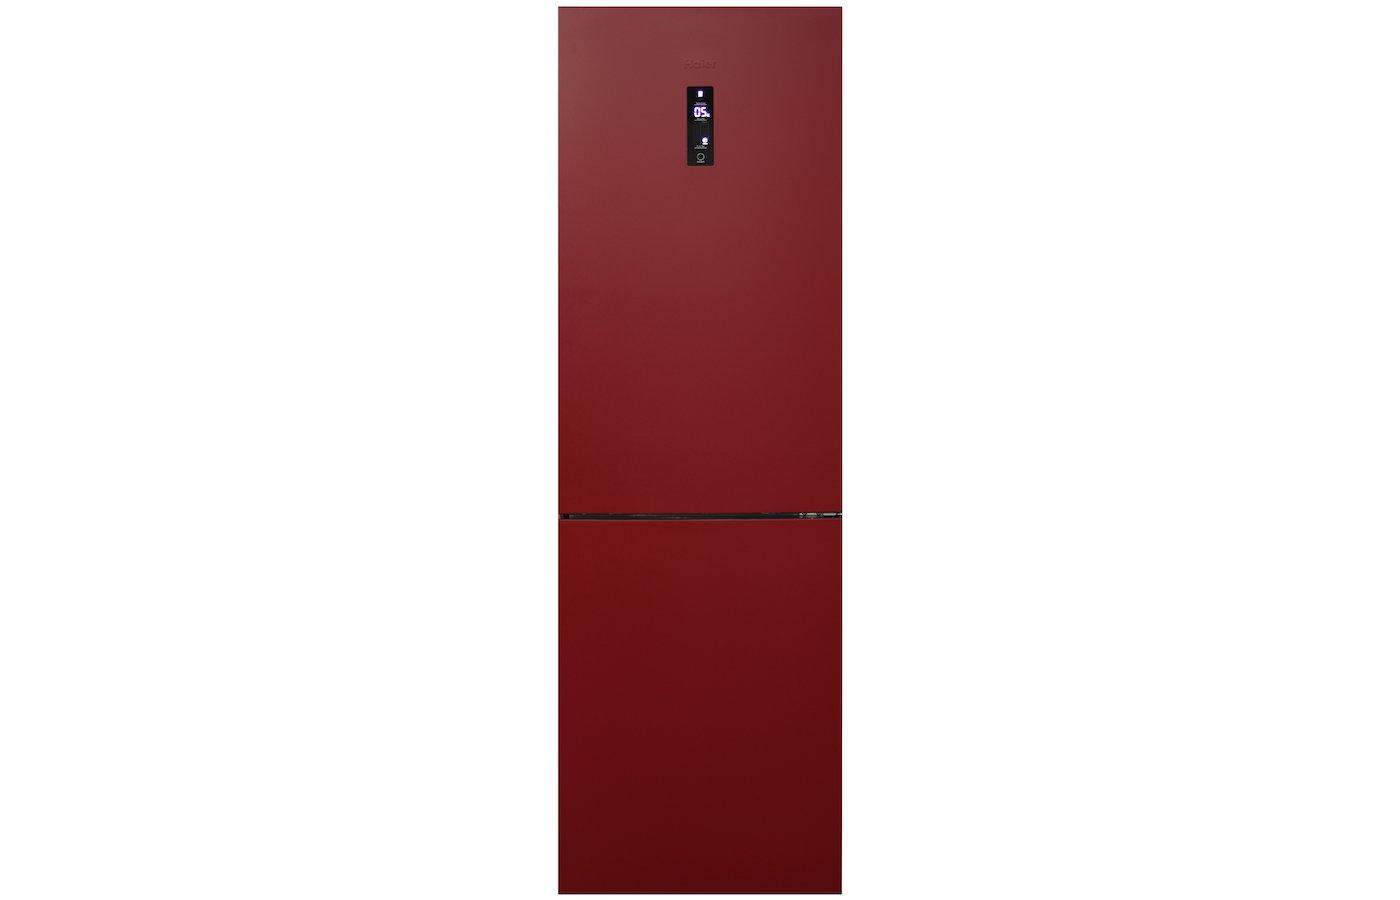 Холодильник HAIER C2 FE 636 CRJ